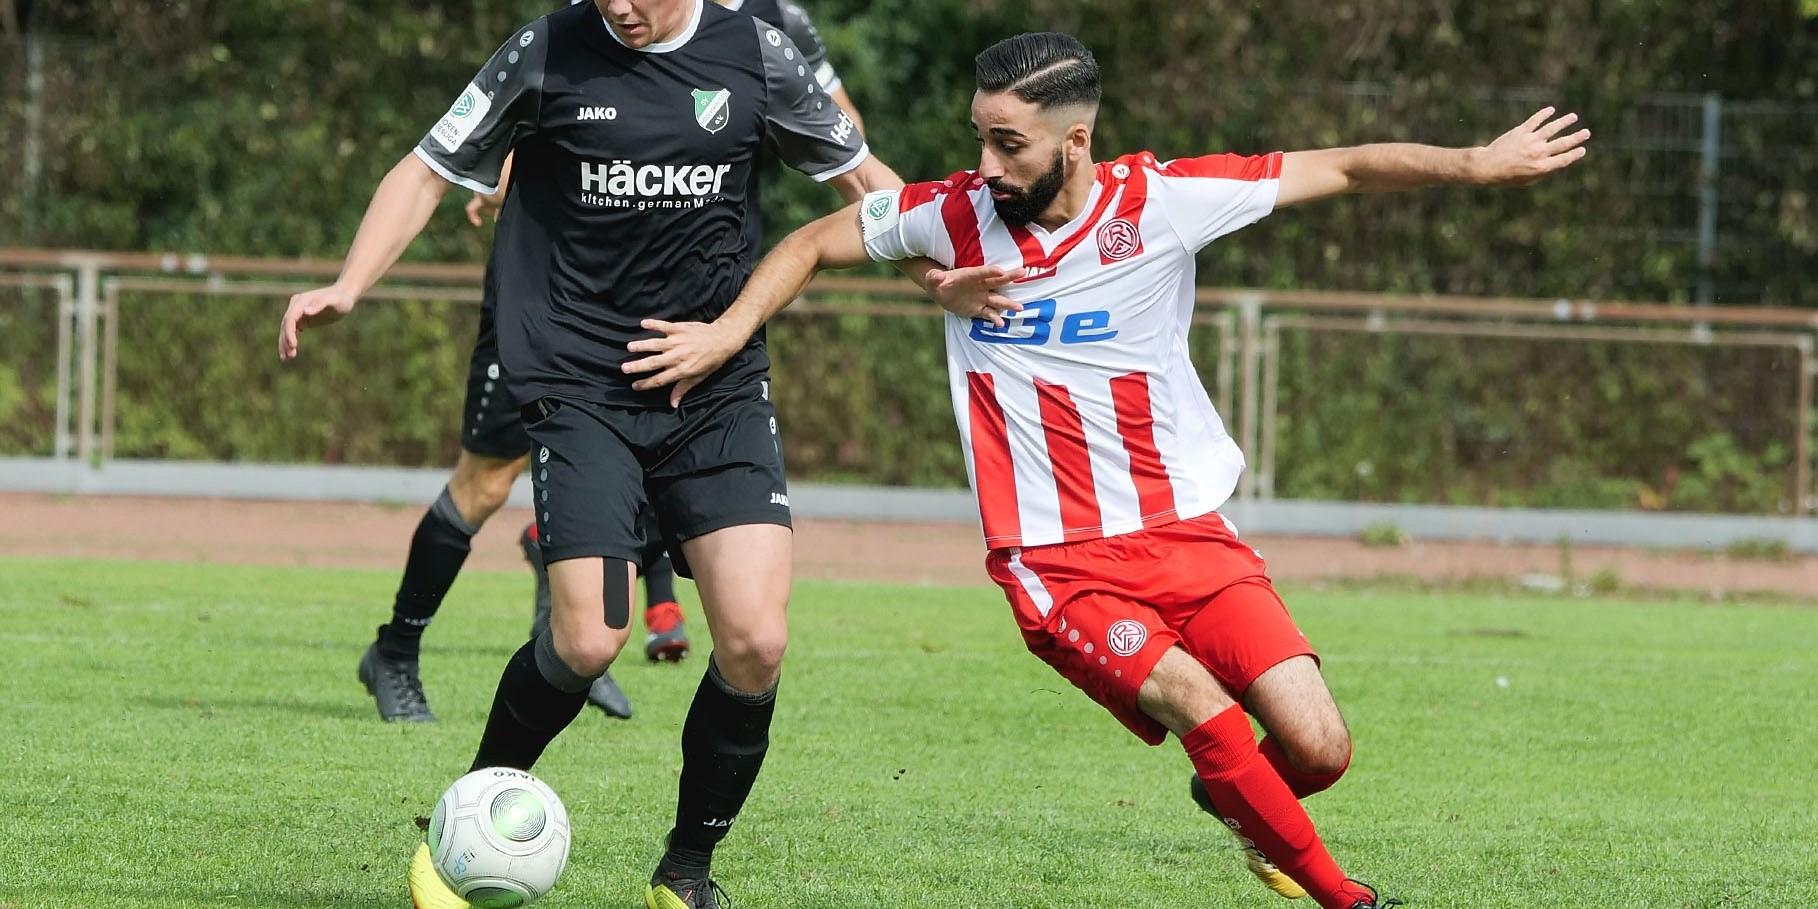 Die Elf von Chef-Trainer Damian Apfeld möchte in der Junioren Bundesliga nachlegen. (Foto: Gohl)